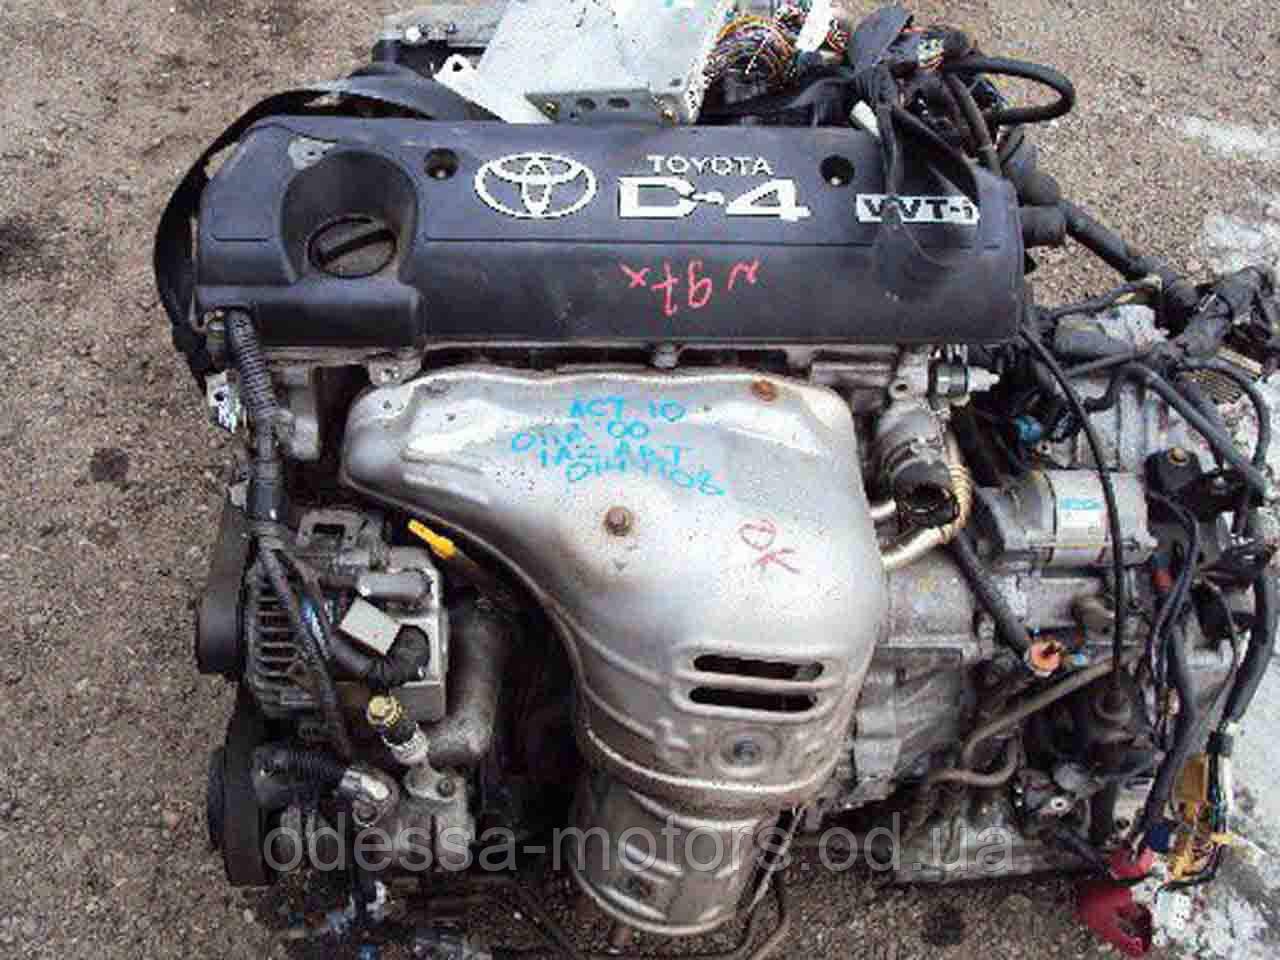 Двигатель Toyota Aurion 2.0, 2006-2009 тип мотора 1AZ-FSE, фото 1